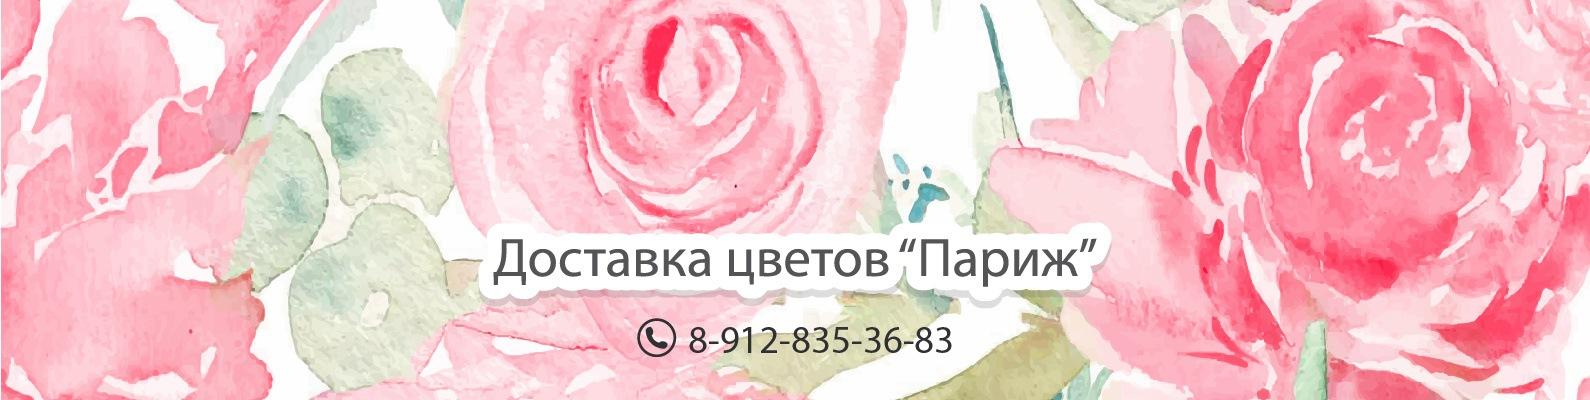 dostavka-tsveti-dlya-magazinov-tsvetochniy-kurgan